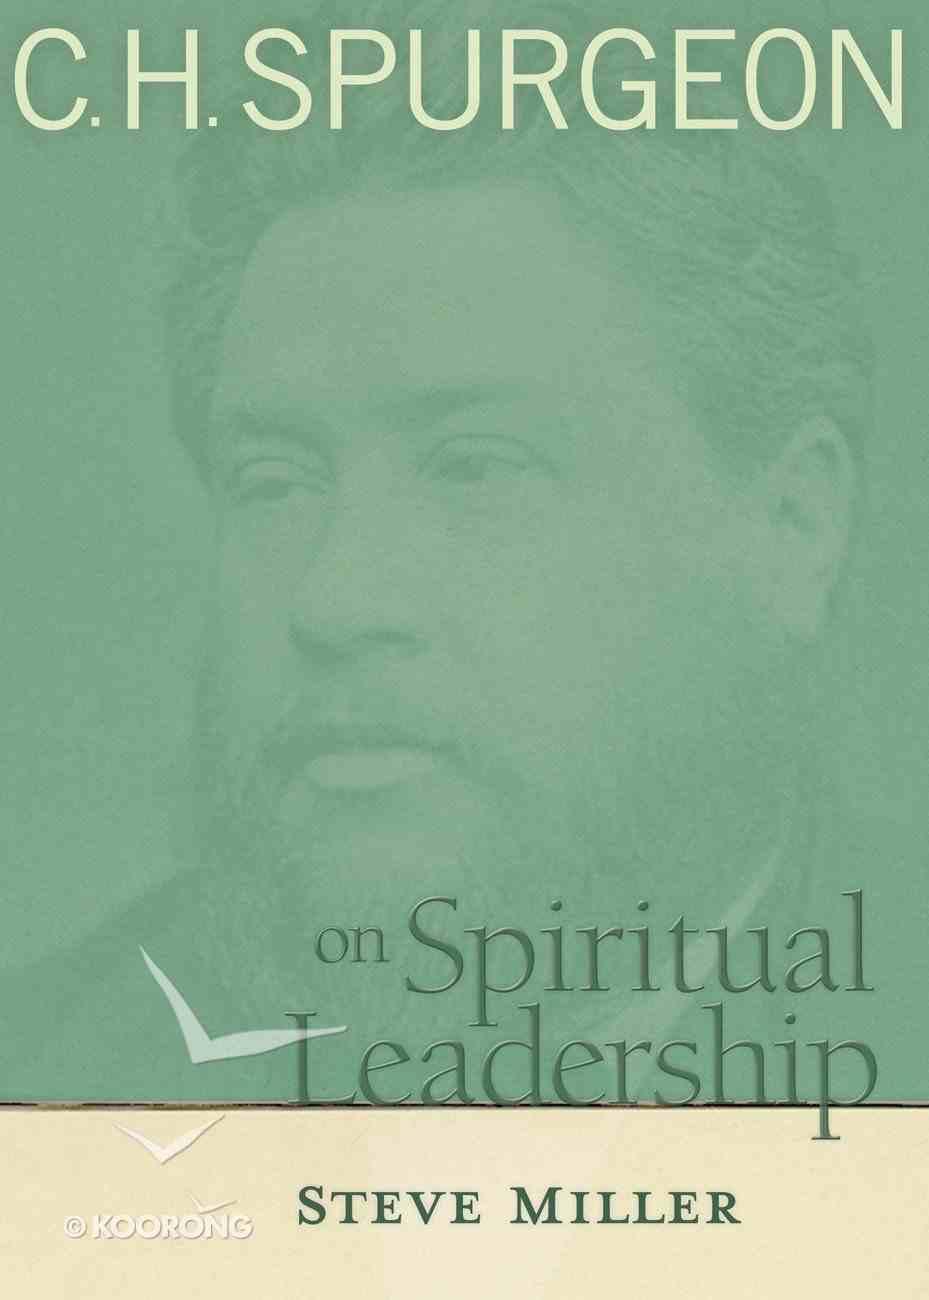 H Spurgeon on Spiritual Leadership Paperback